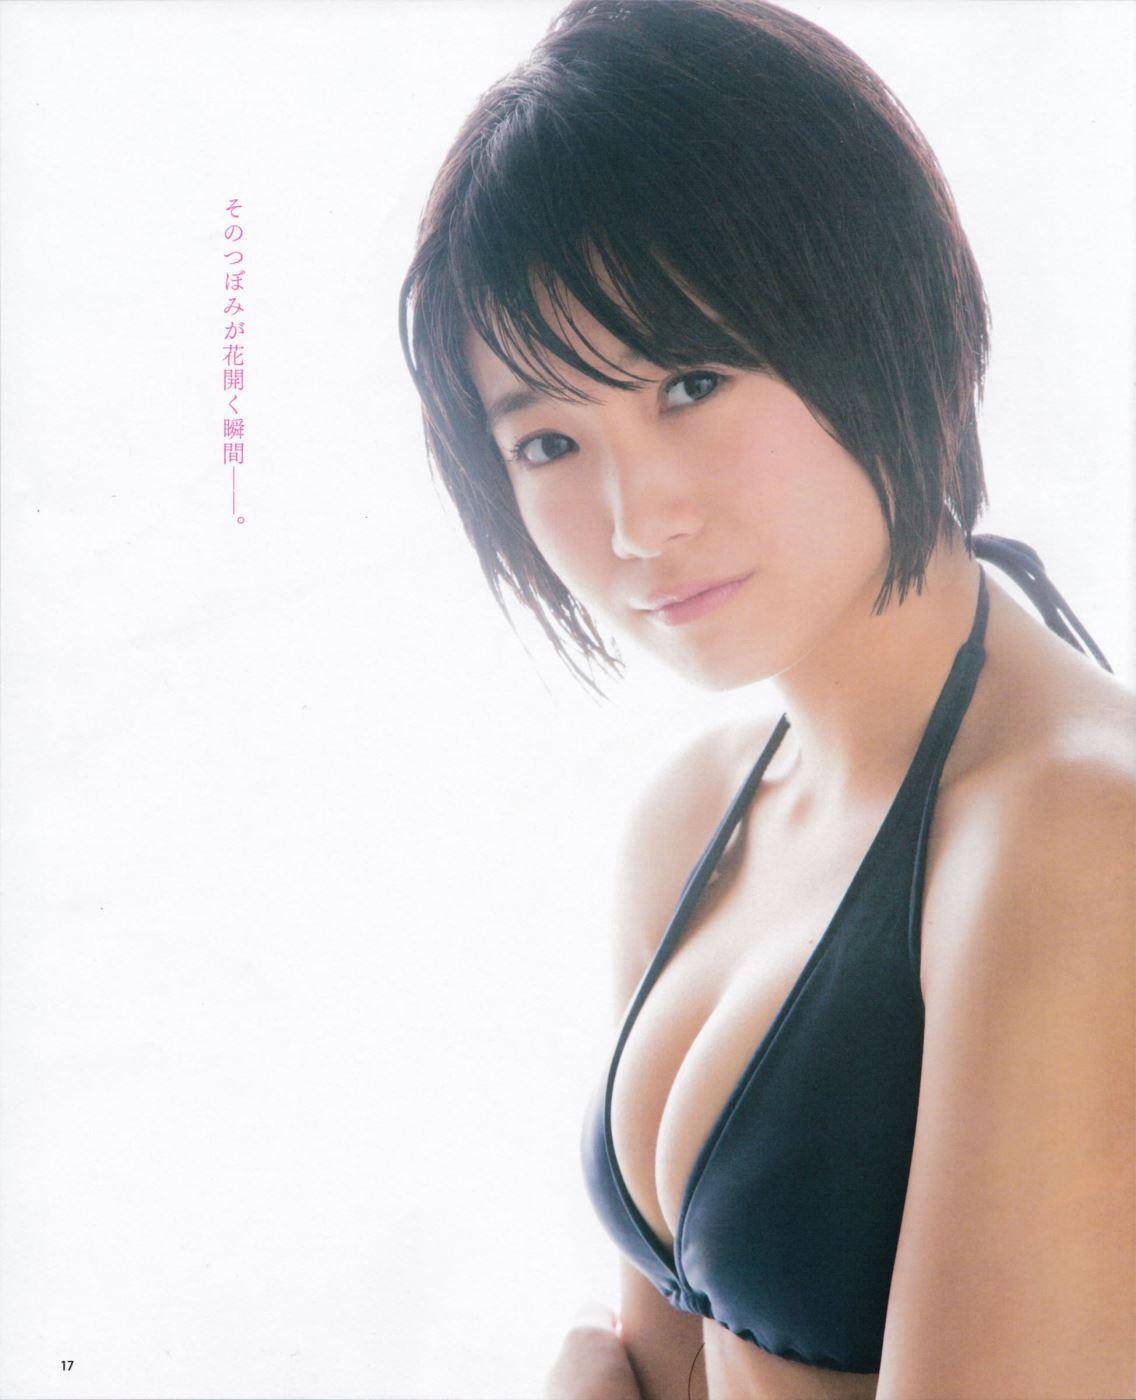 朝長美桜 画像 39